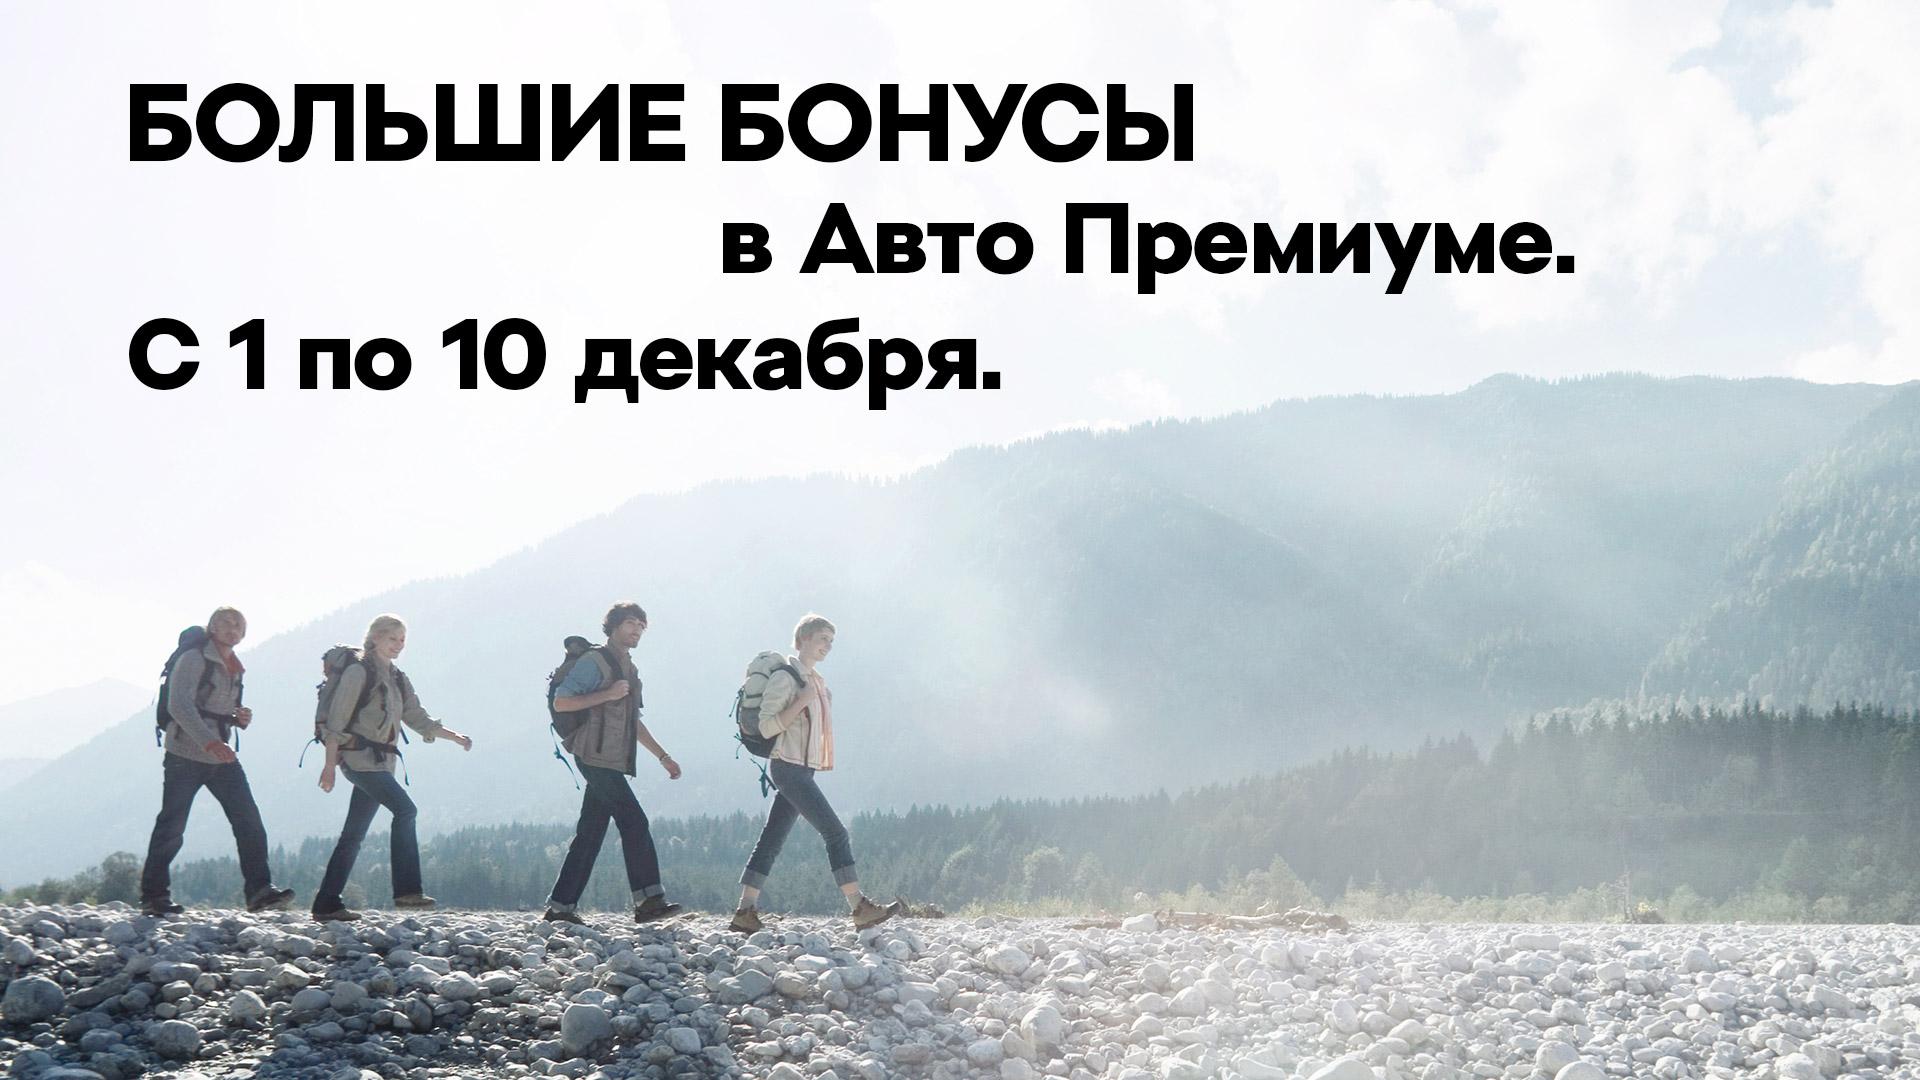 ŠKODA за свободу выбора! Большие бонусы в Авто Премиуме